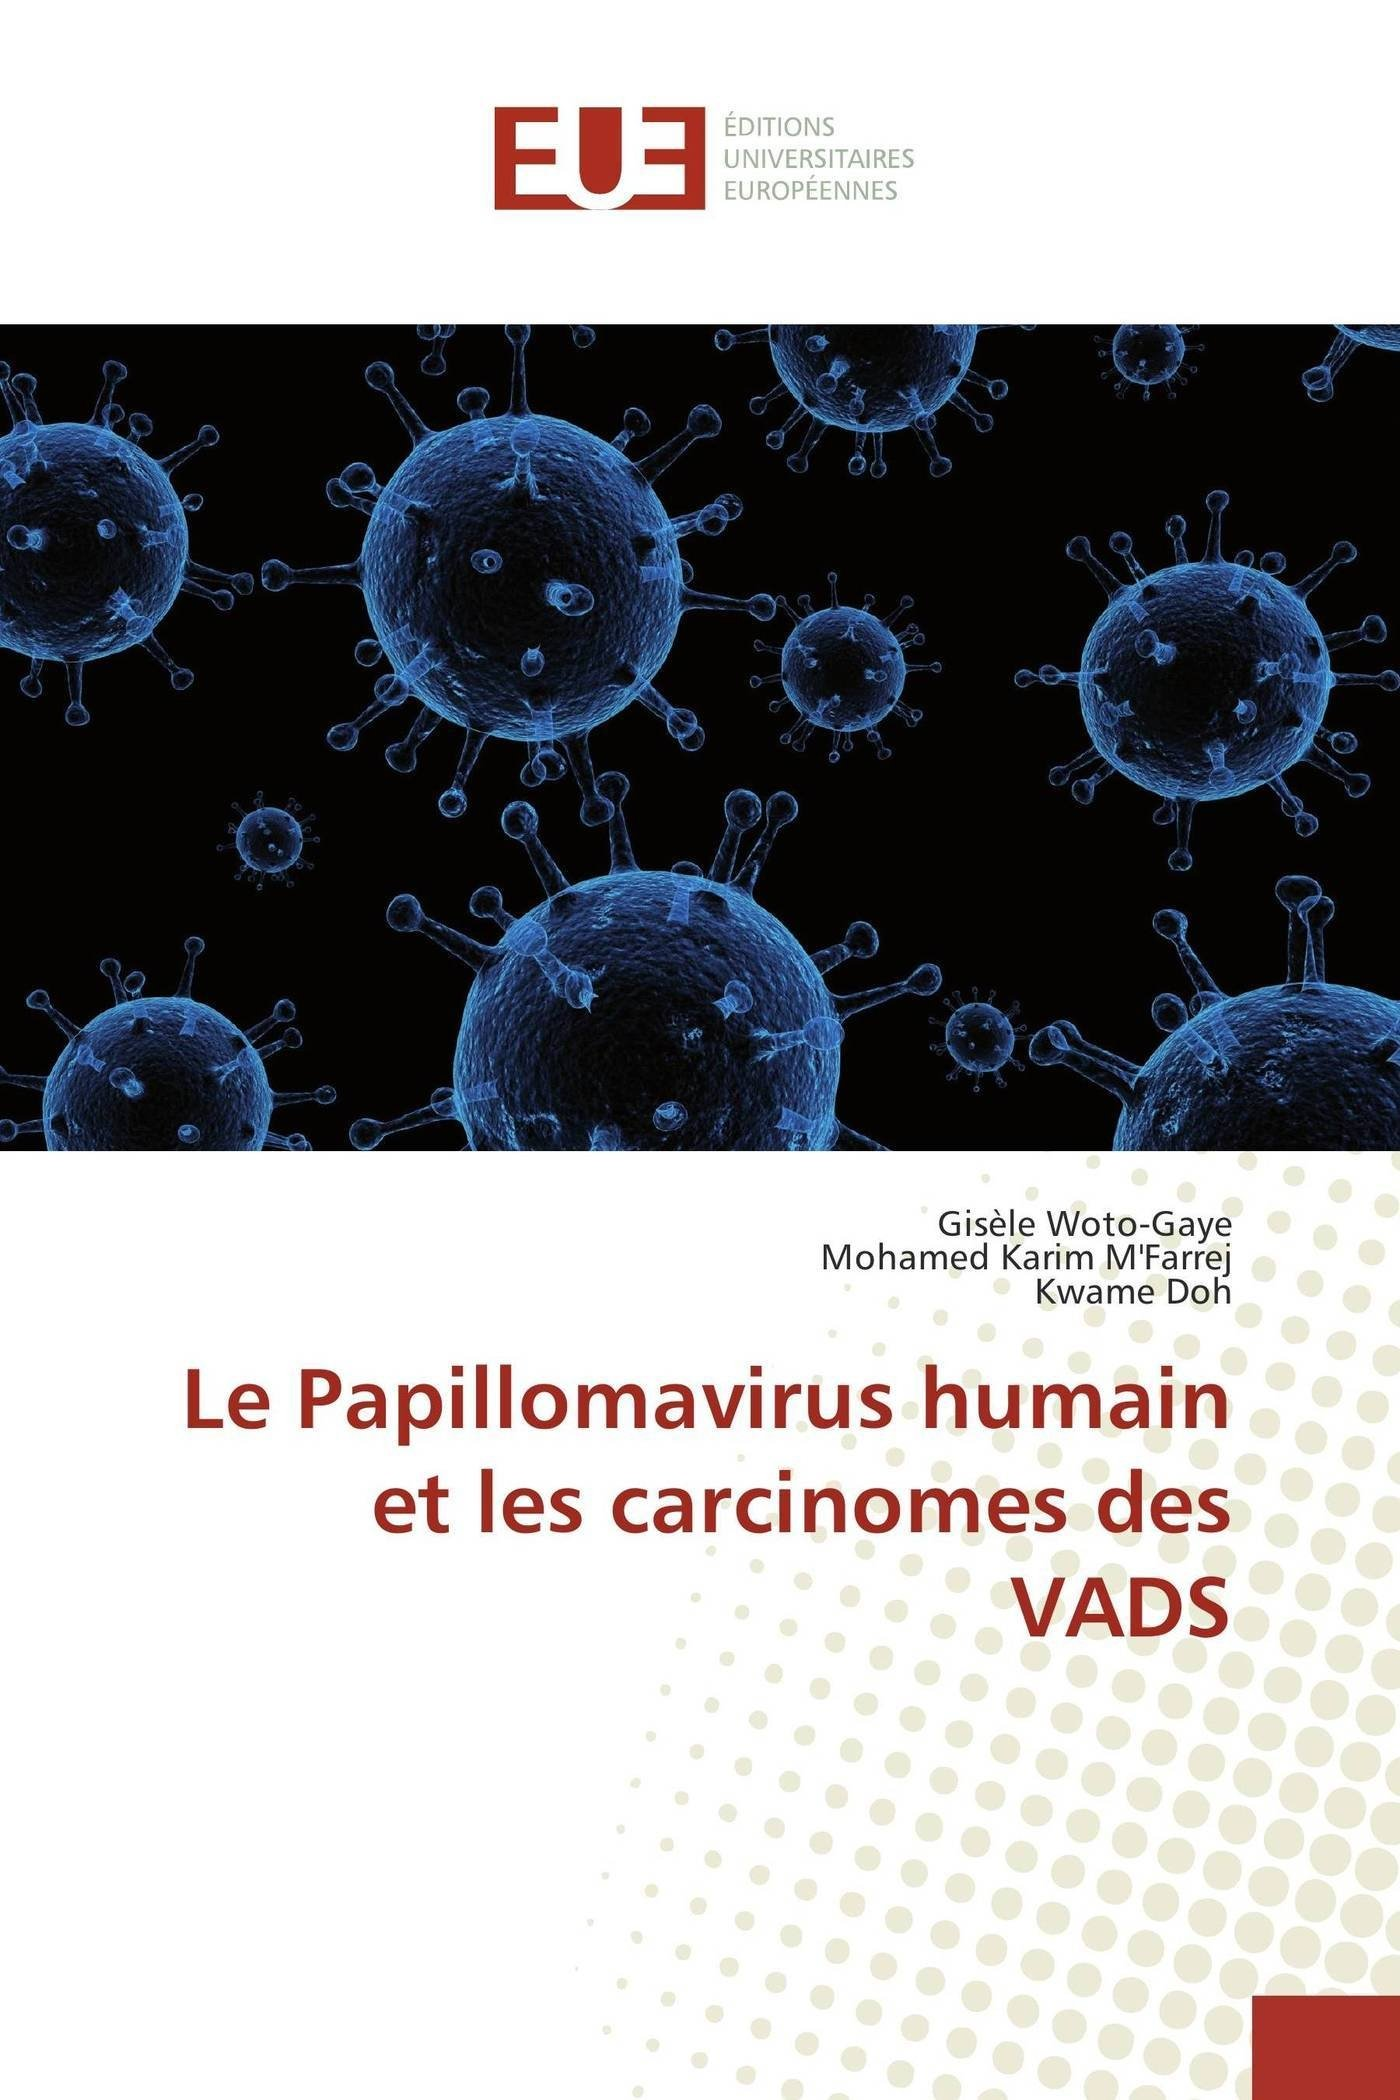 papillomavirus humain (pvh)